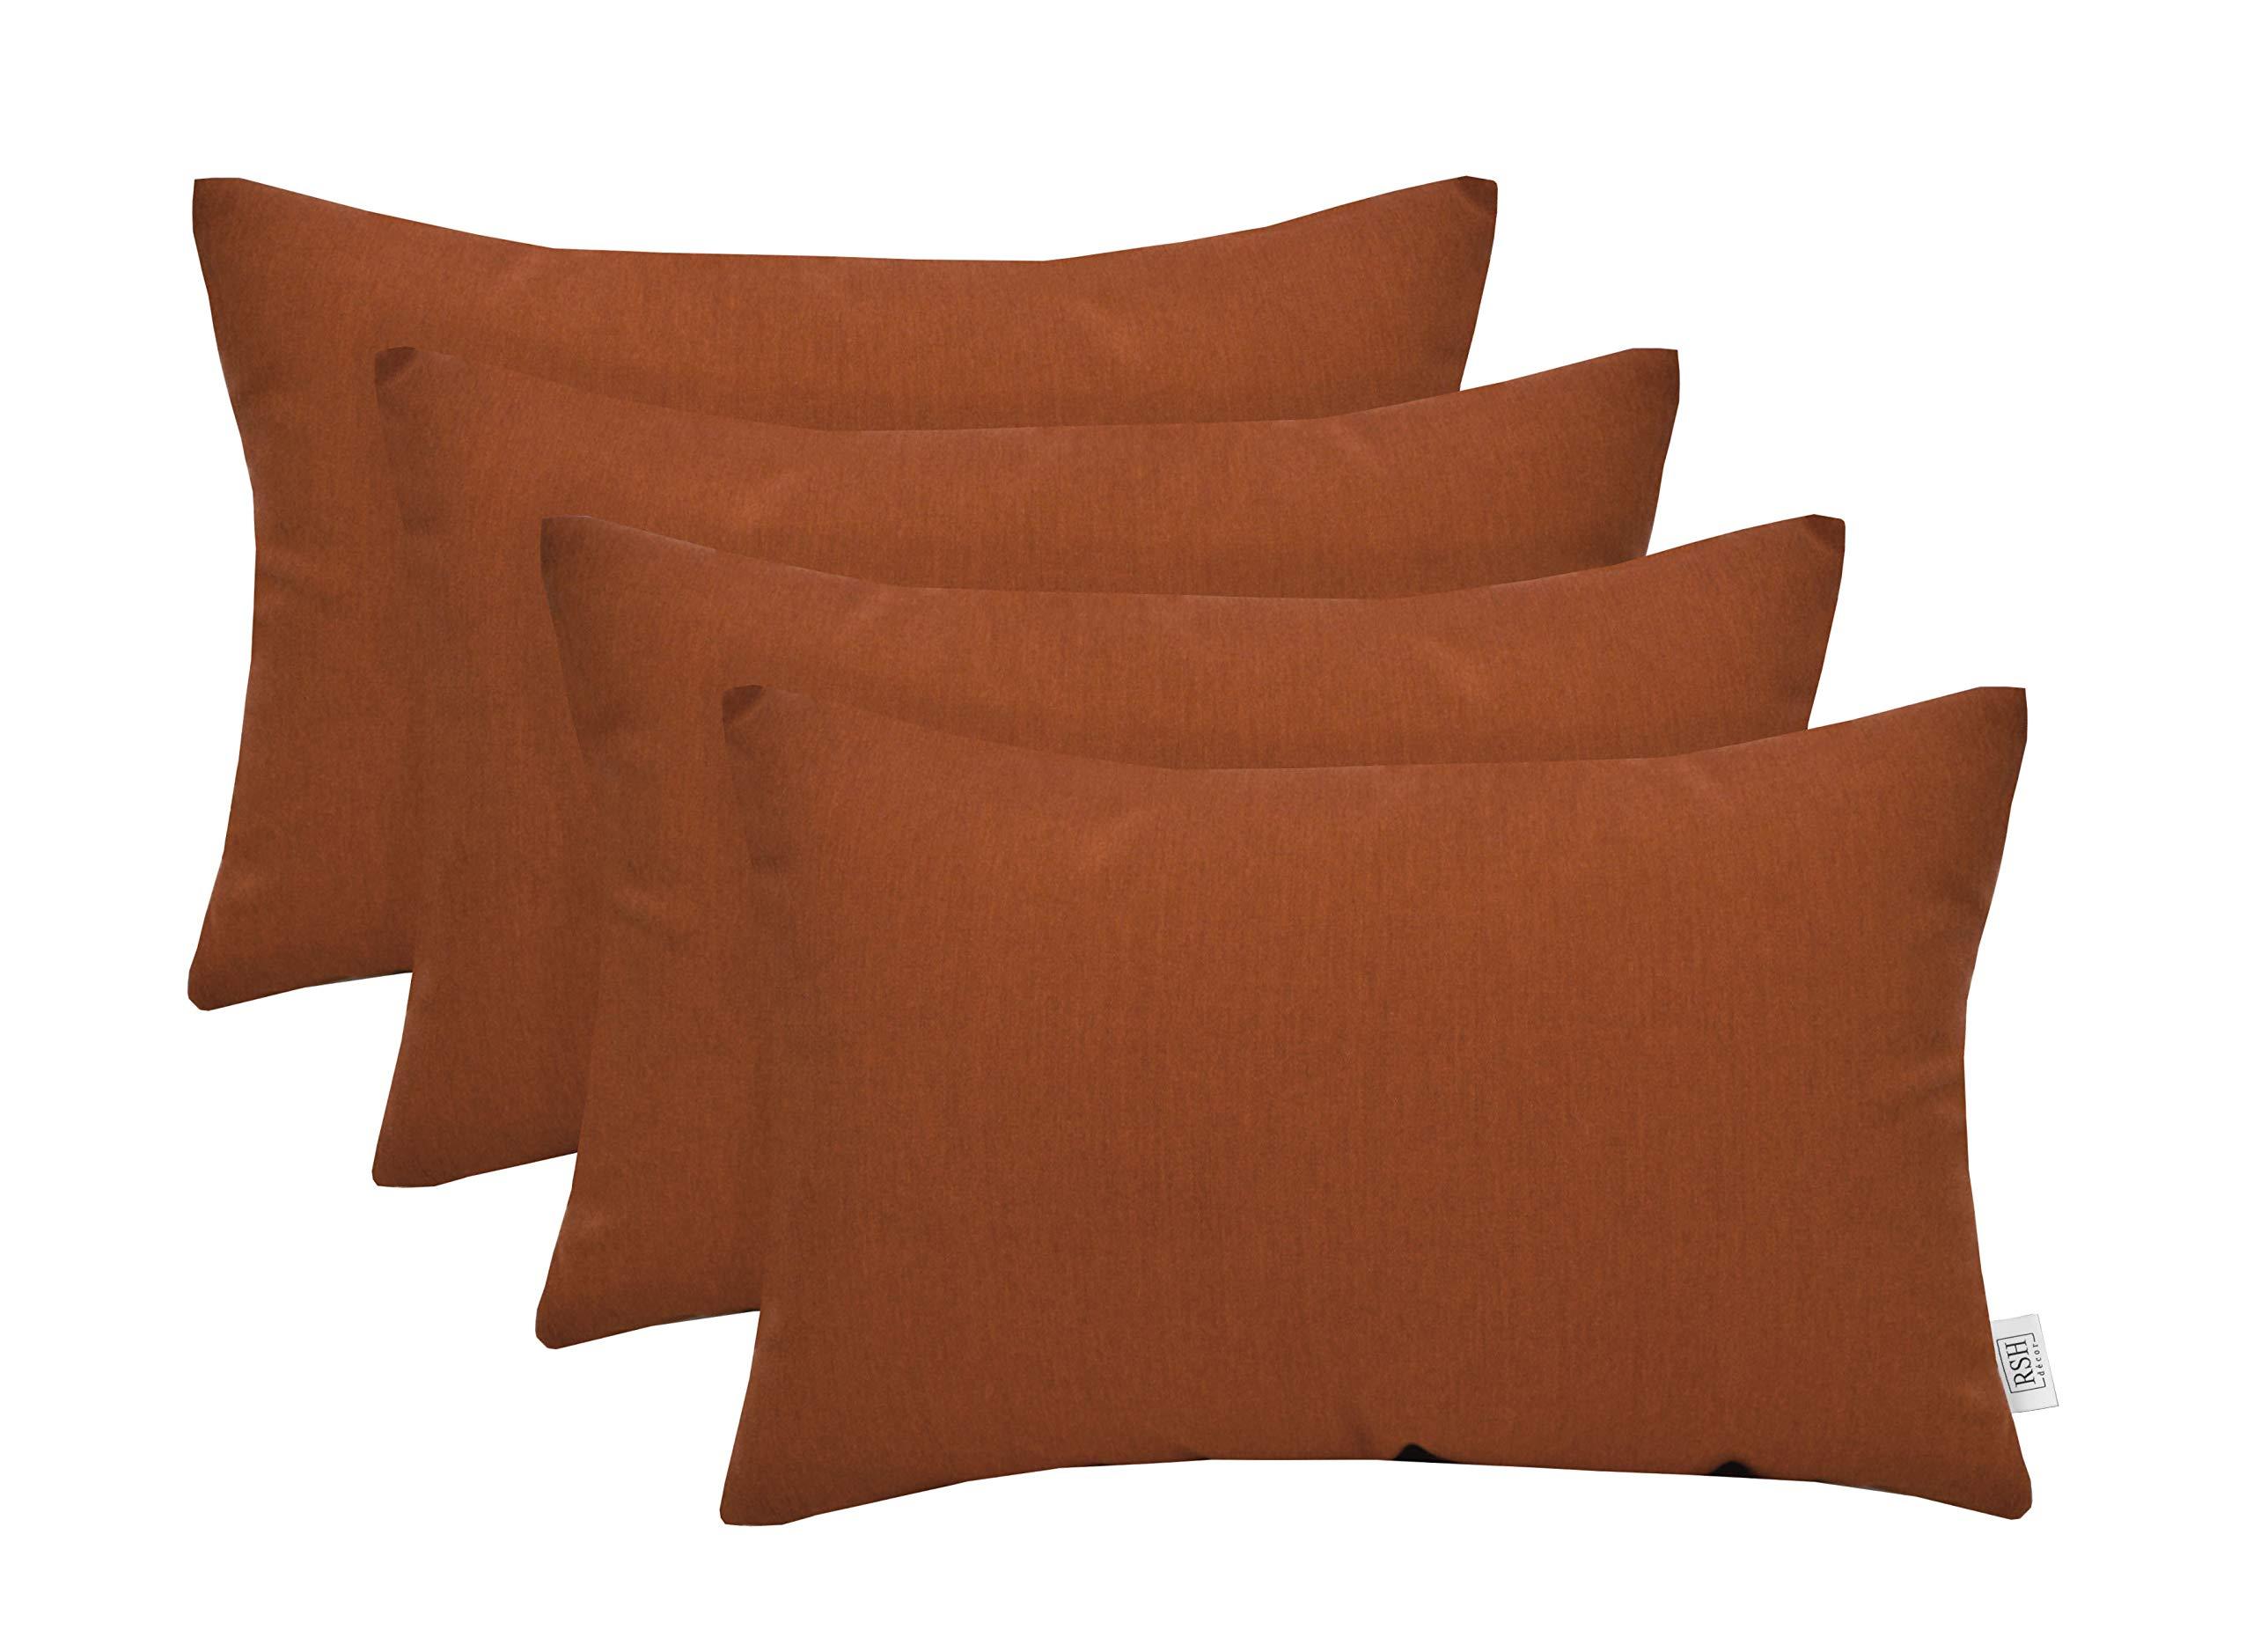 RSH Décor Set of 4 Indoor Outdoor Decorative Rectangle Jumbo (26'' x 16'') Lumbar Throw Pillows Sunbrella Canvas Rust